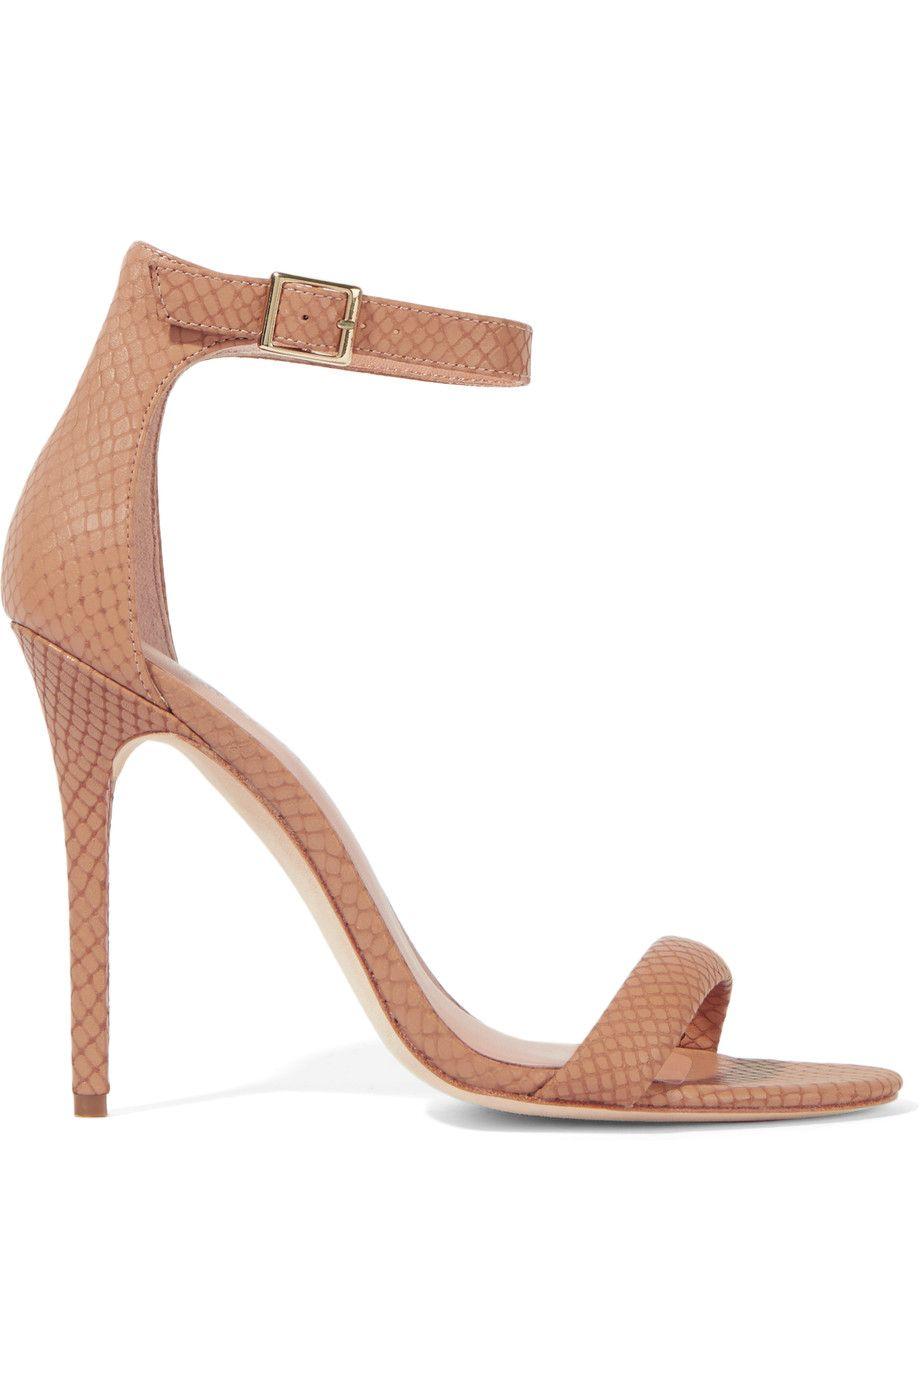 halston shoes sale